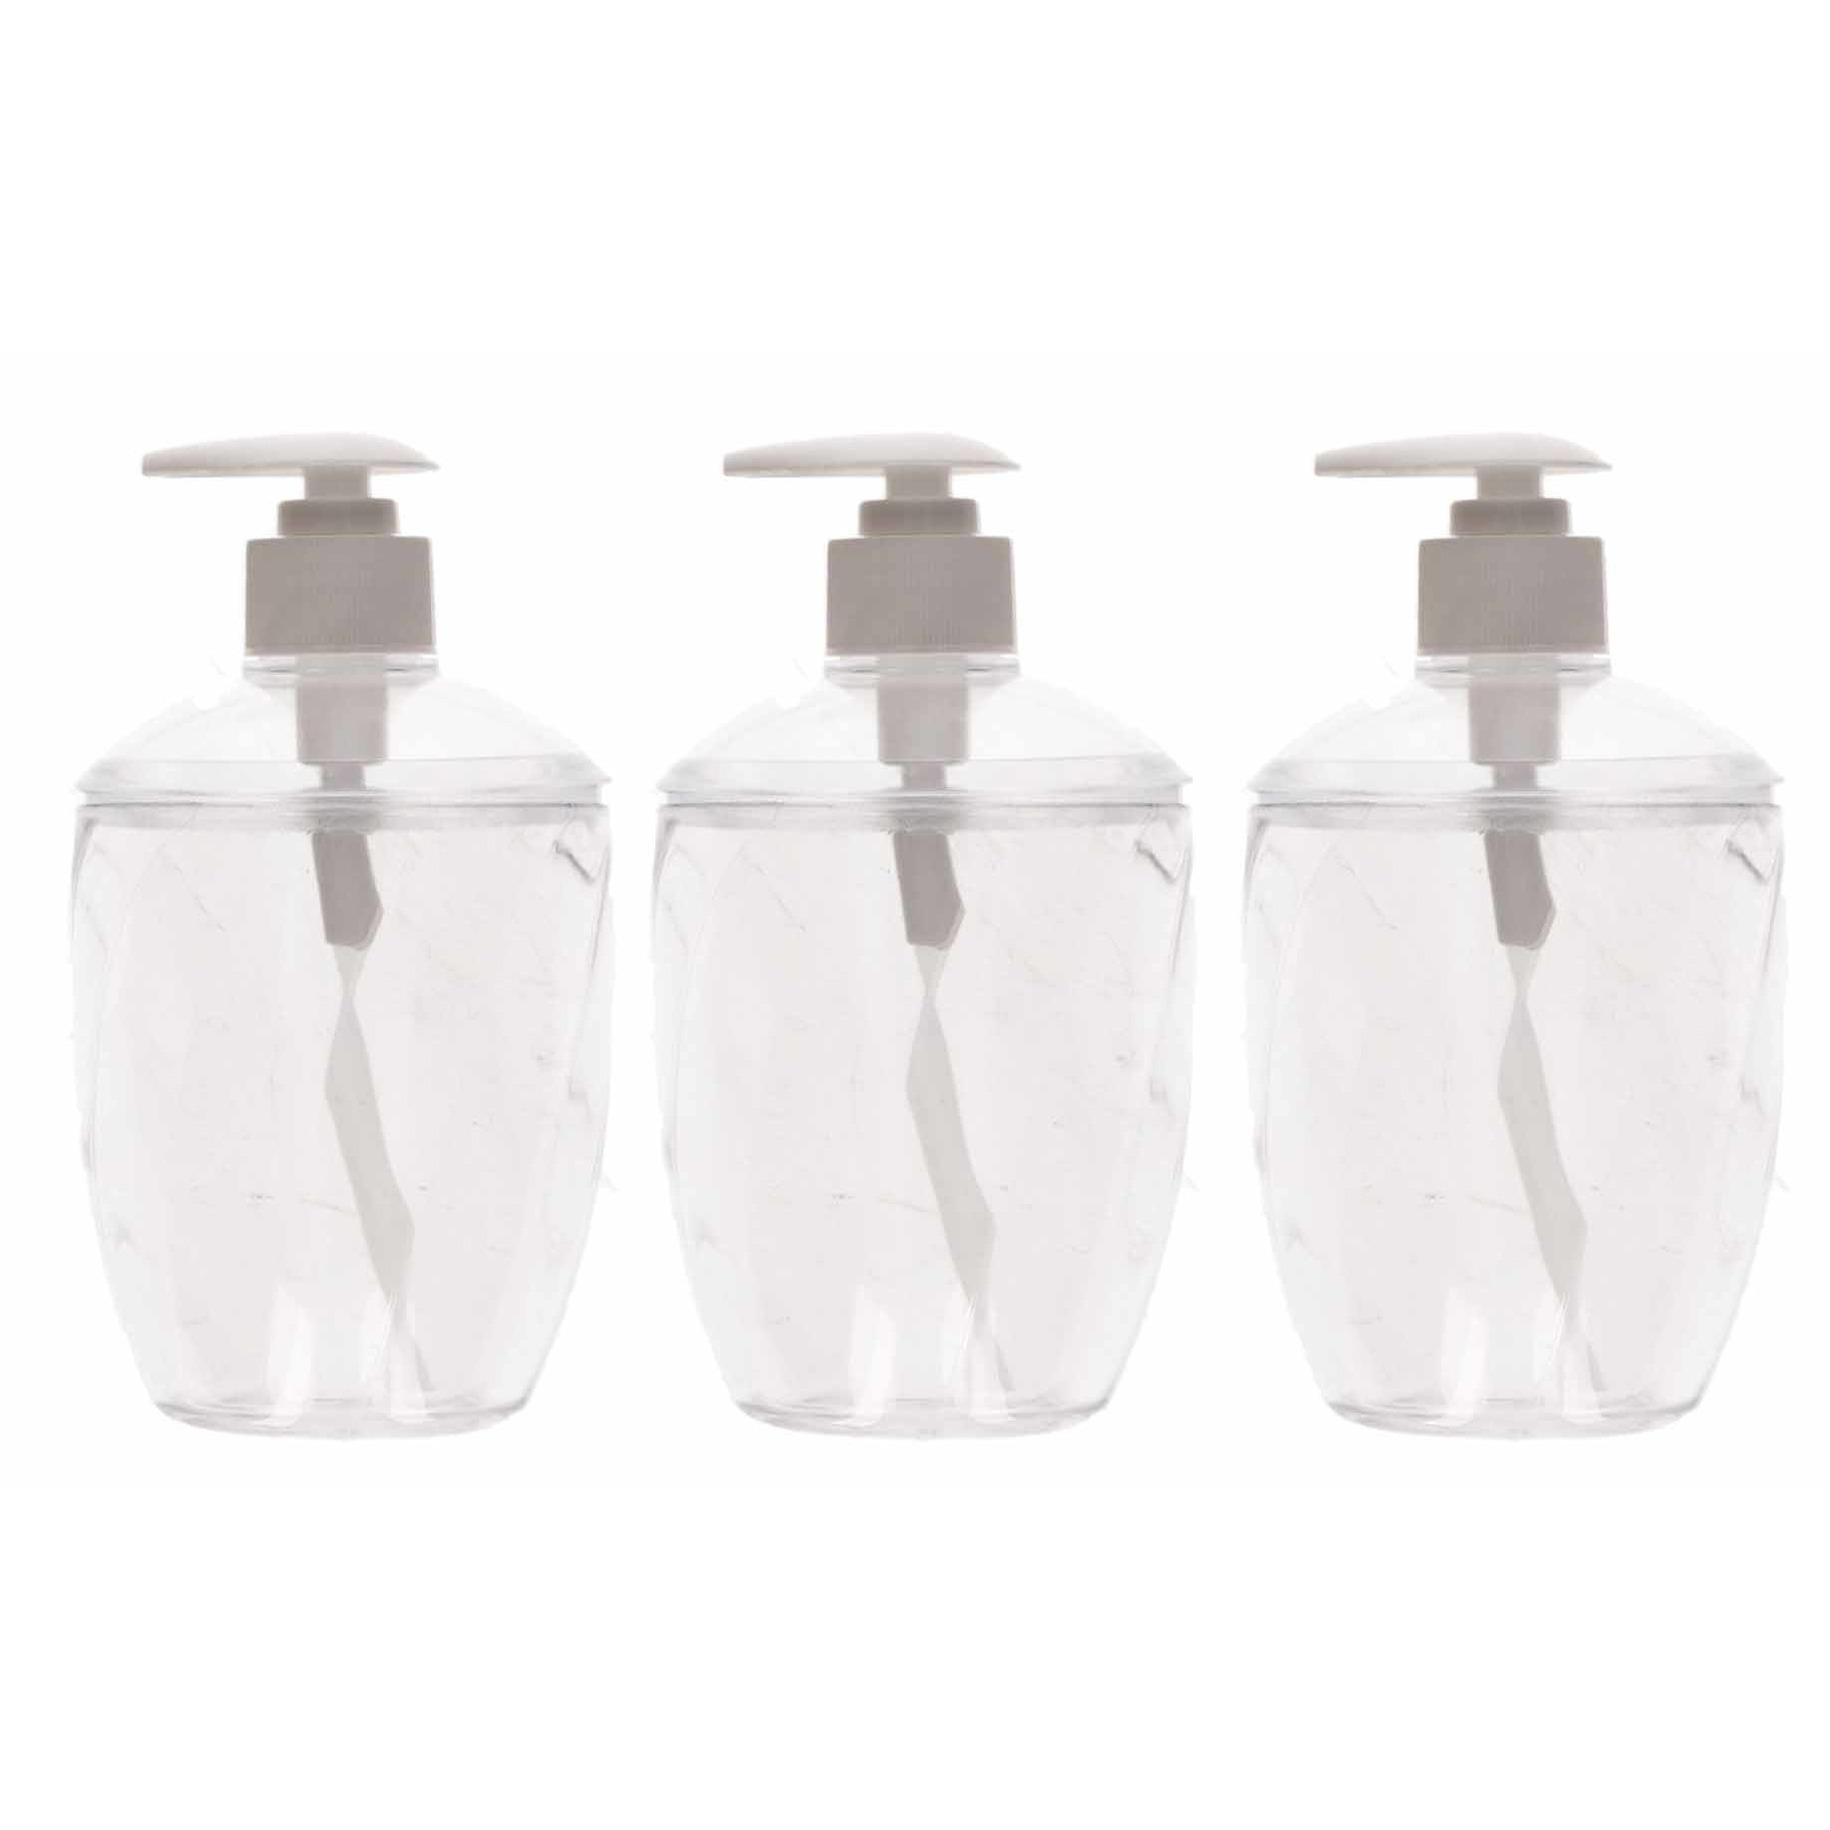 5x Zeep pompjes-dispensers transparant 16 cm